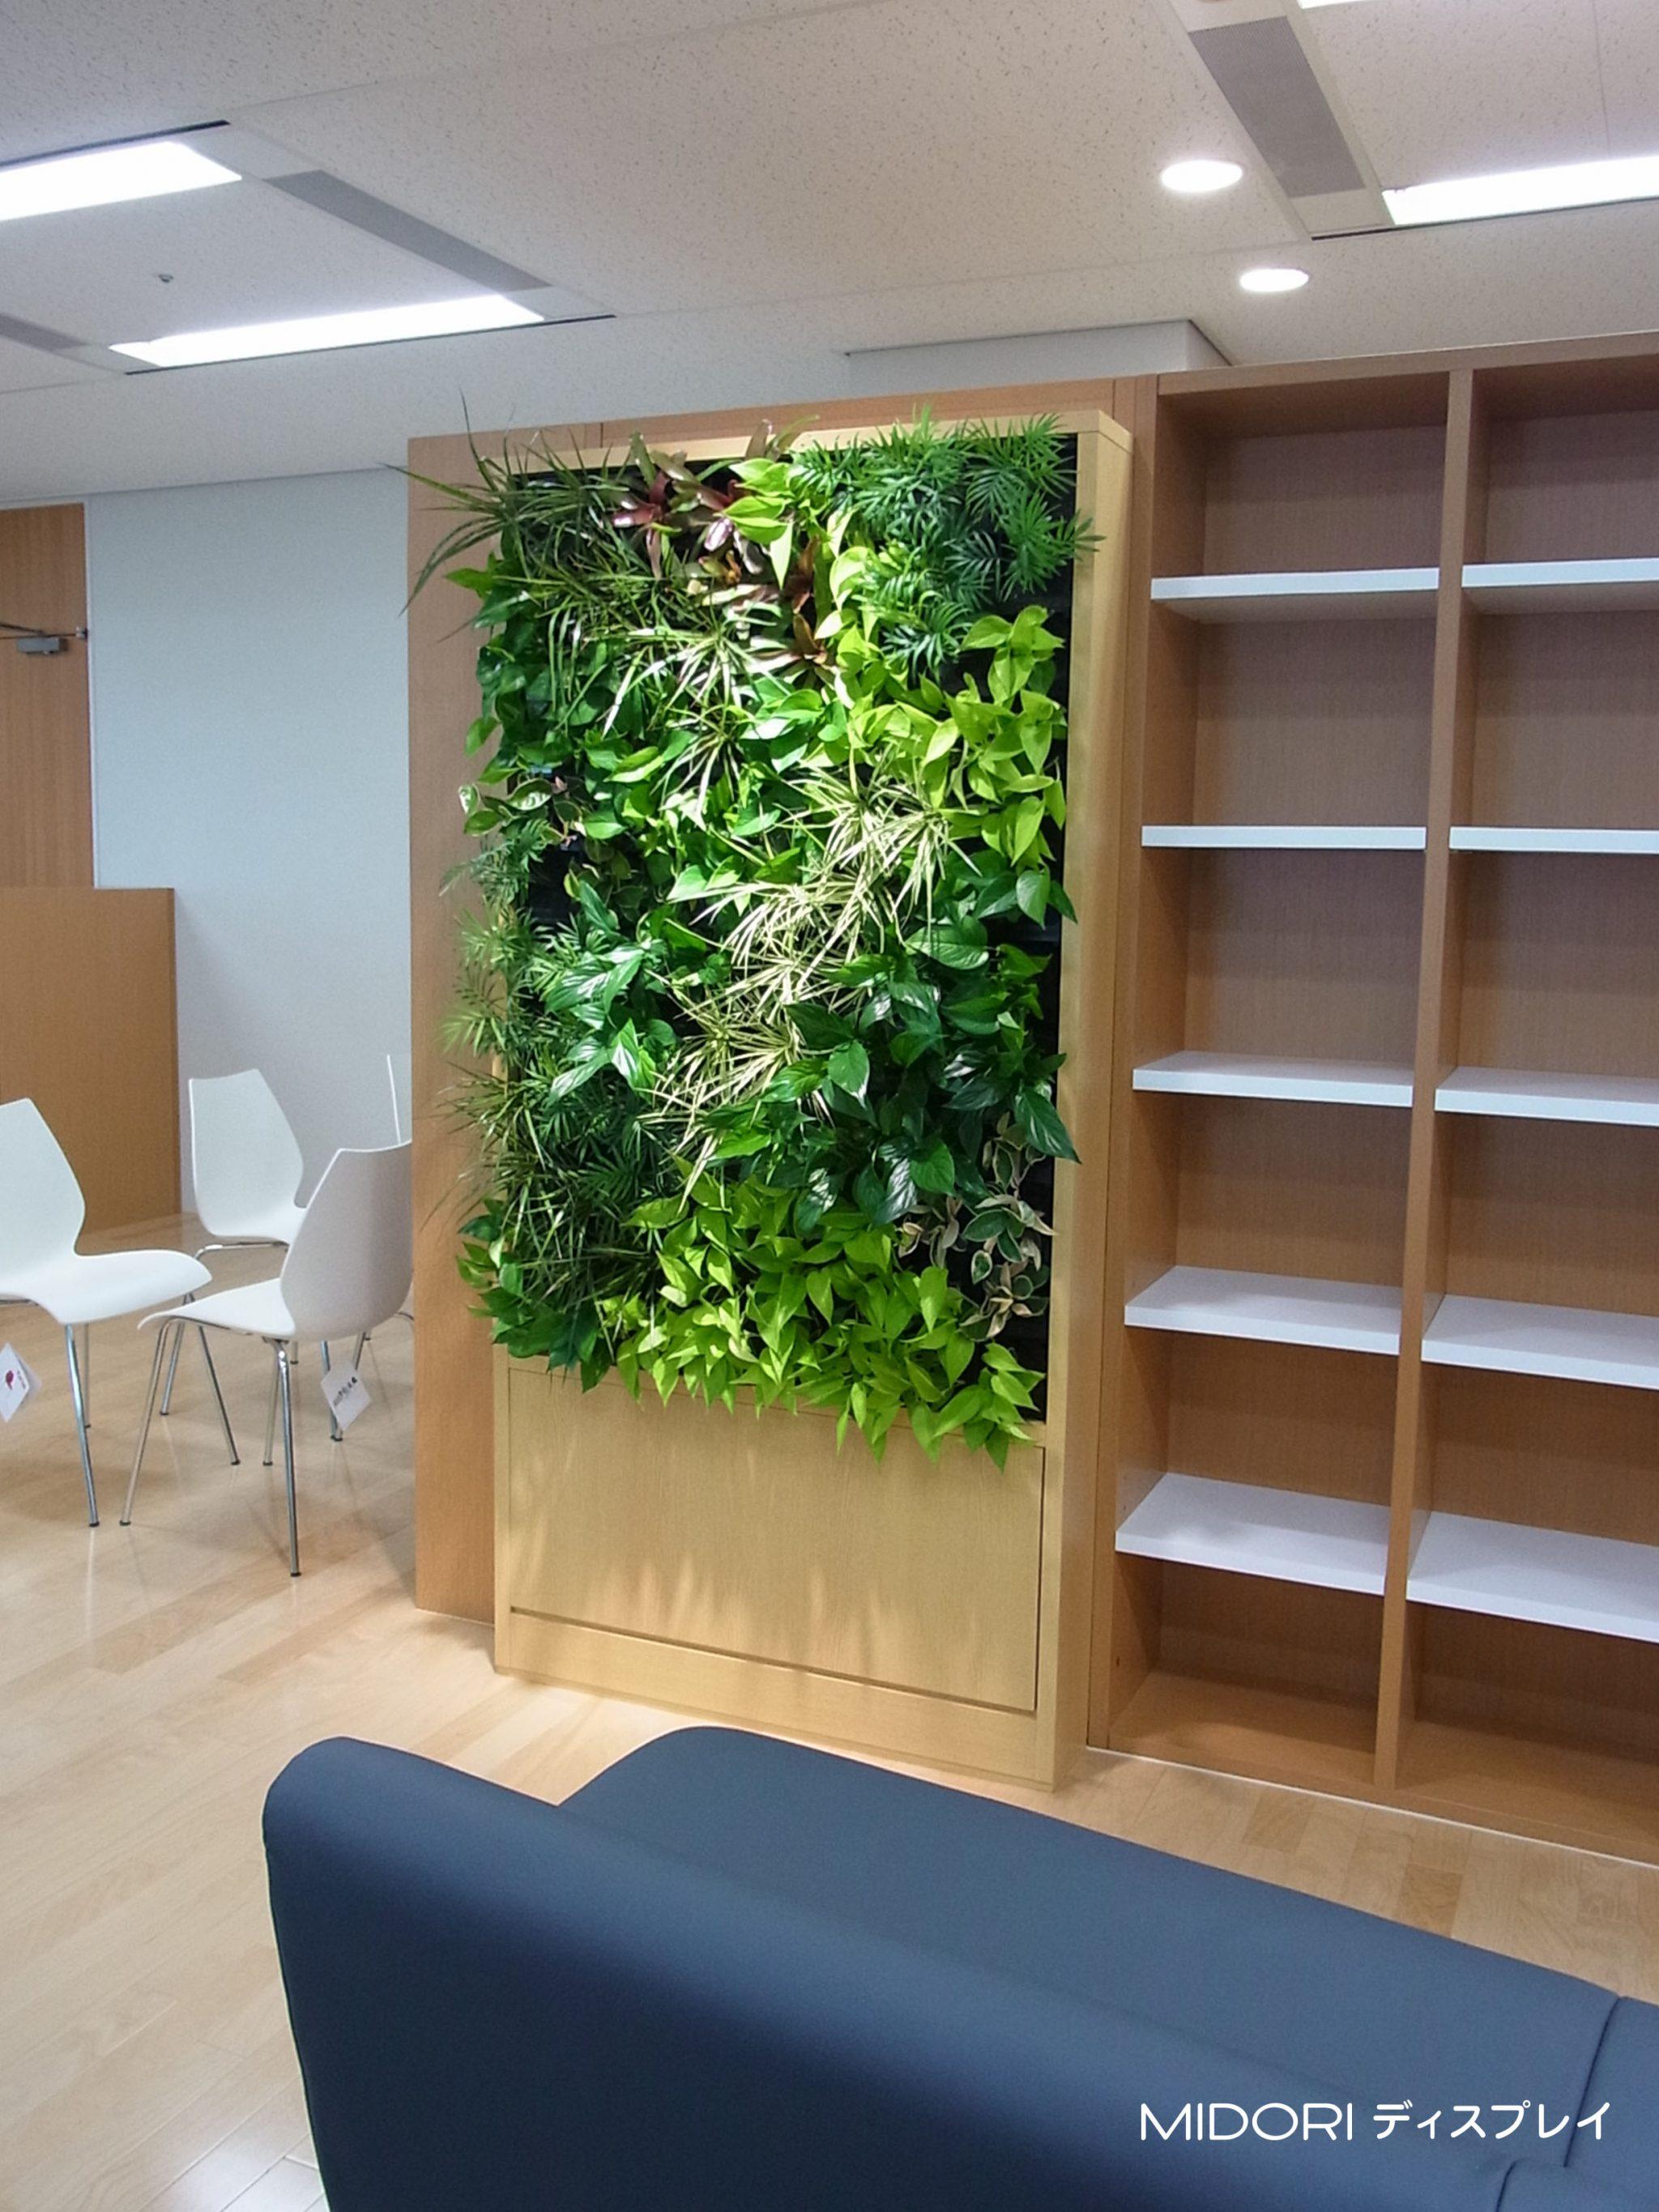 温かみを生み出す壁面緑化